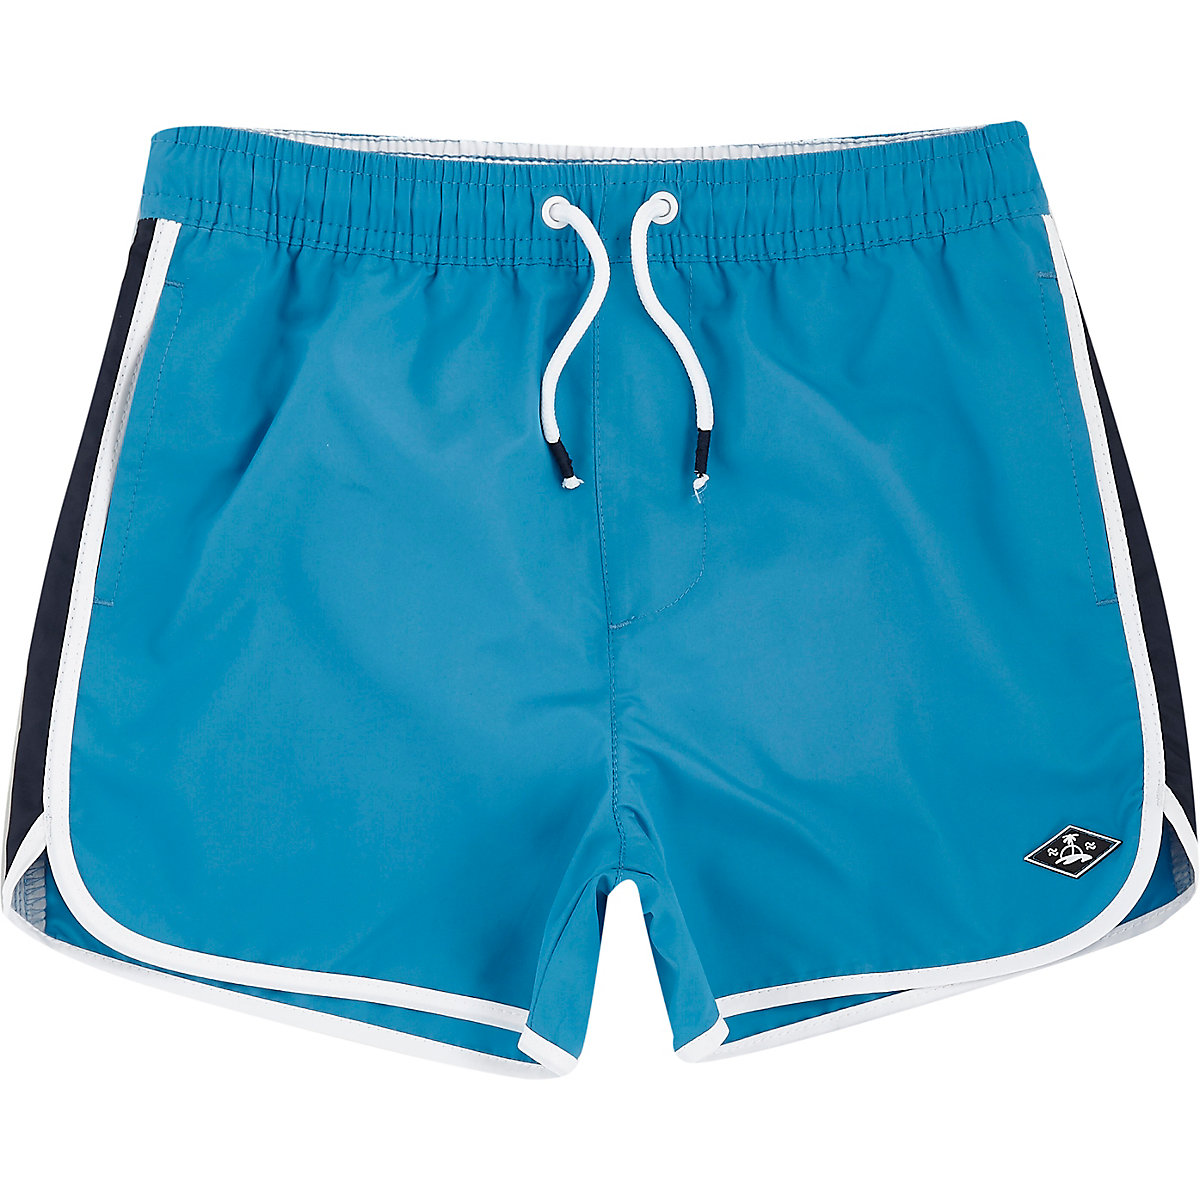 Boys blue runner swim trunks